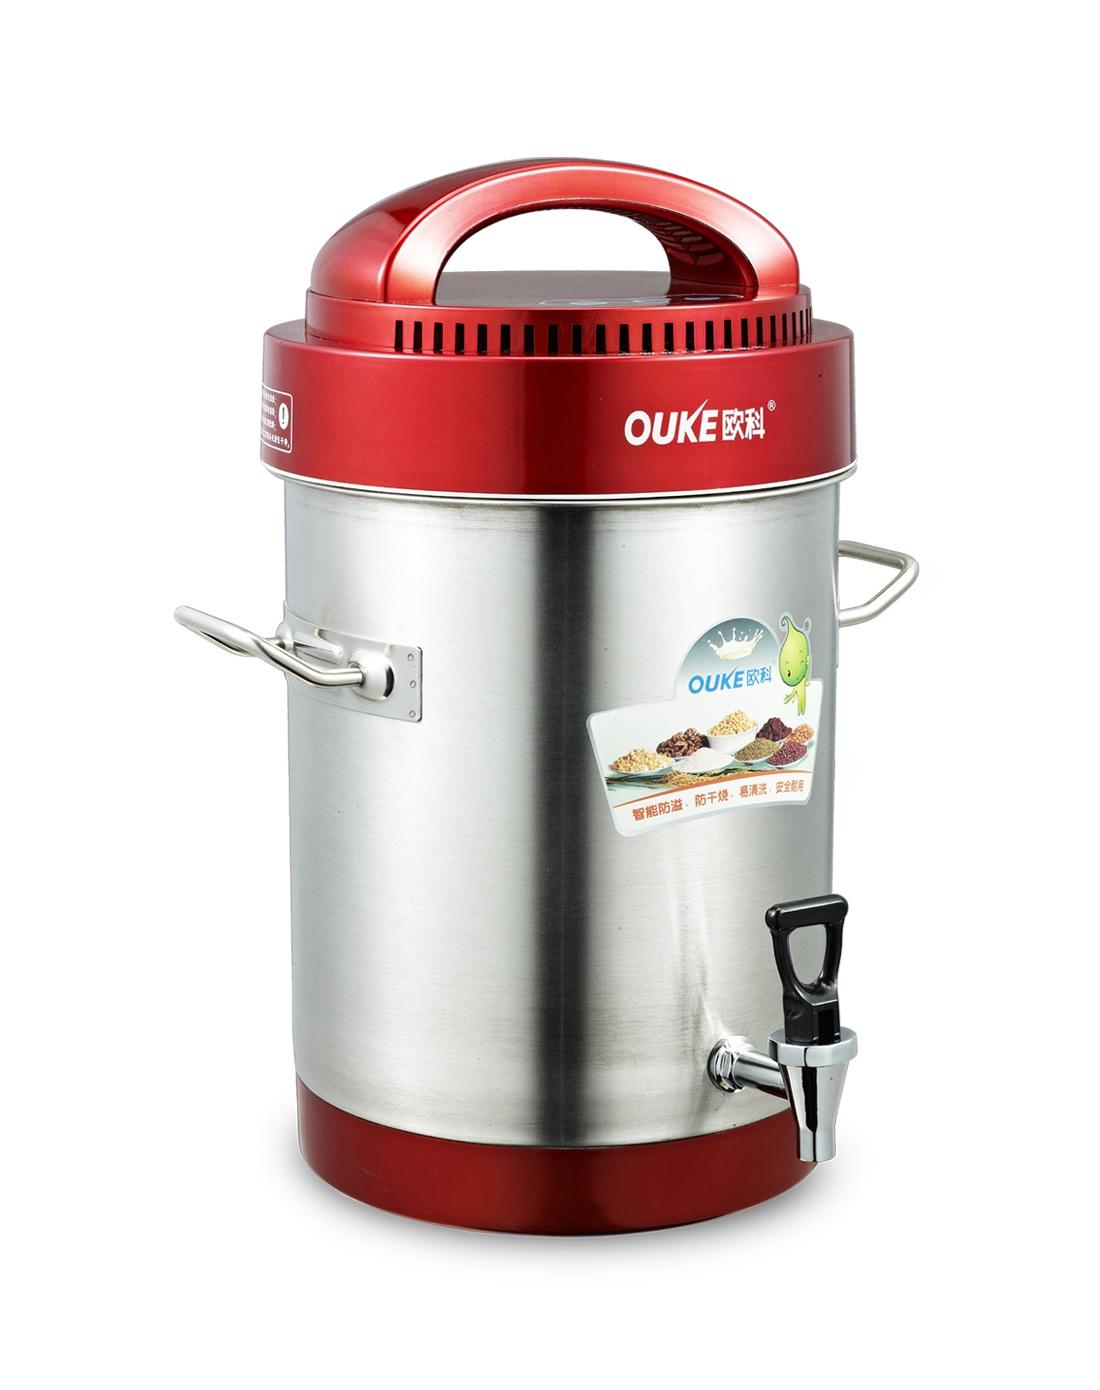 > 欧科商用豆浆机 10l超大容量